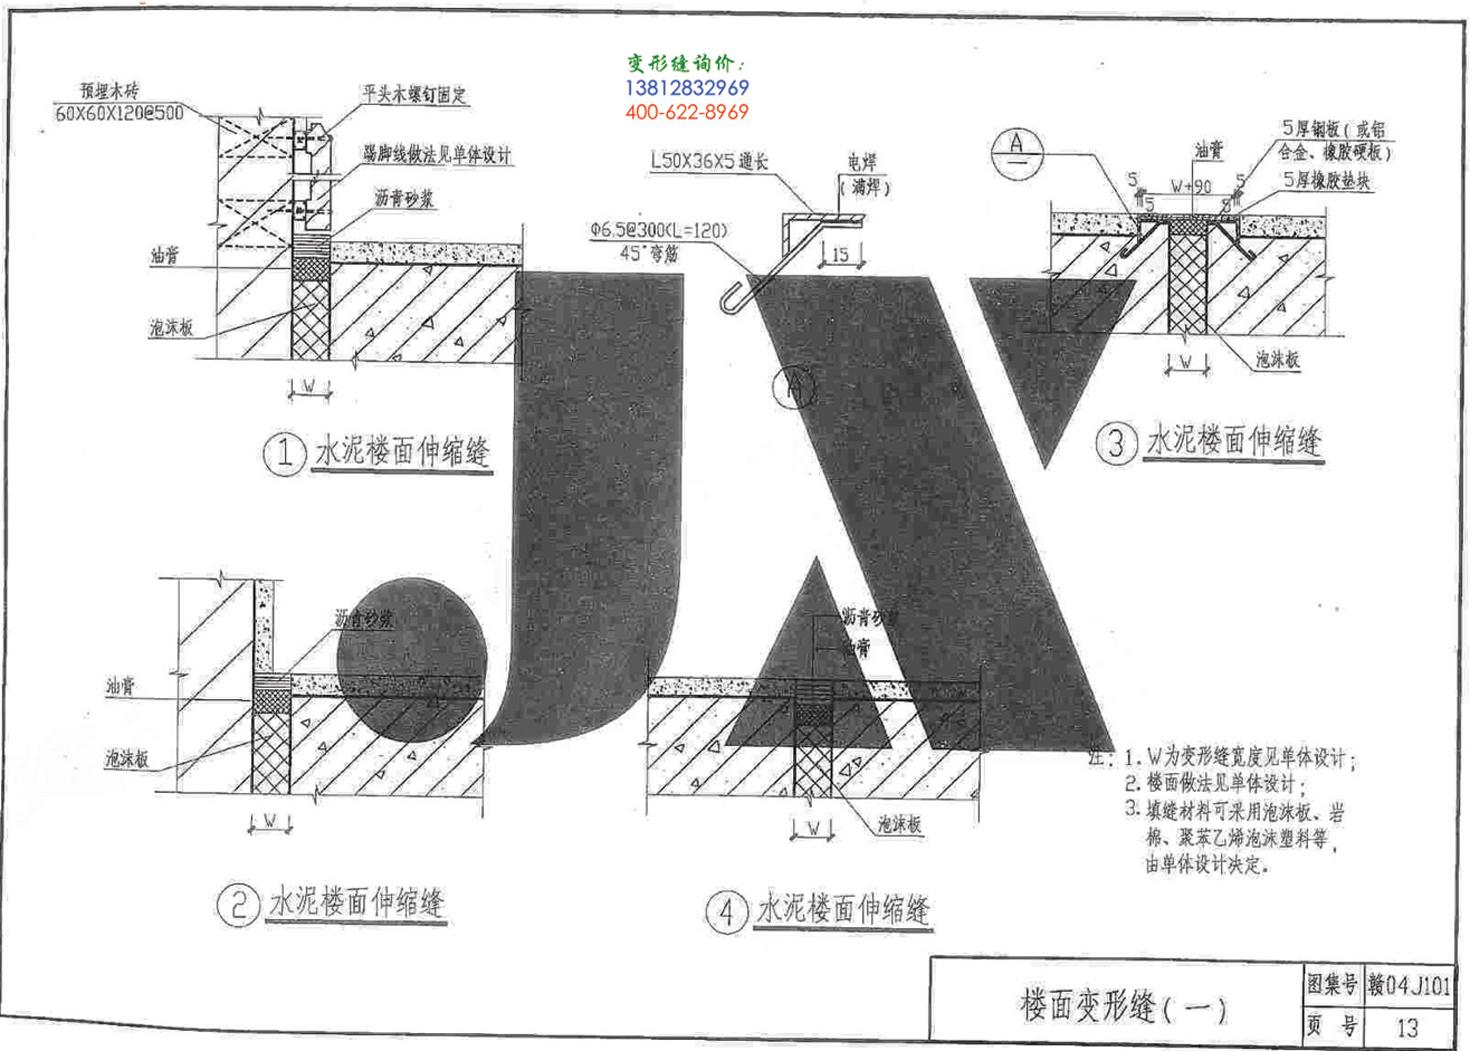 赣04J101变形缝图集p13